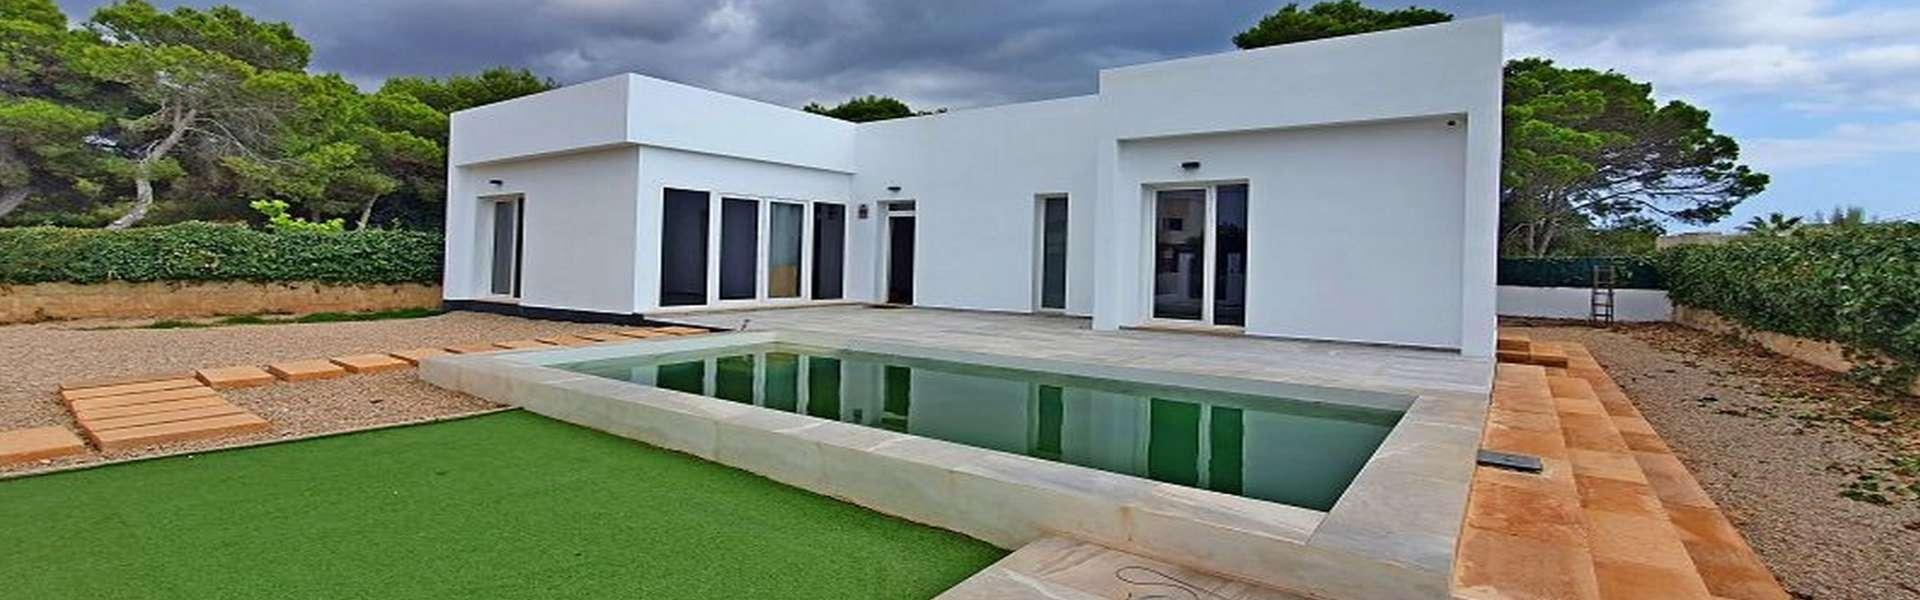 Cala Pi - New construction villa in minimalist design